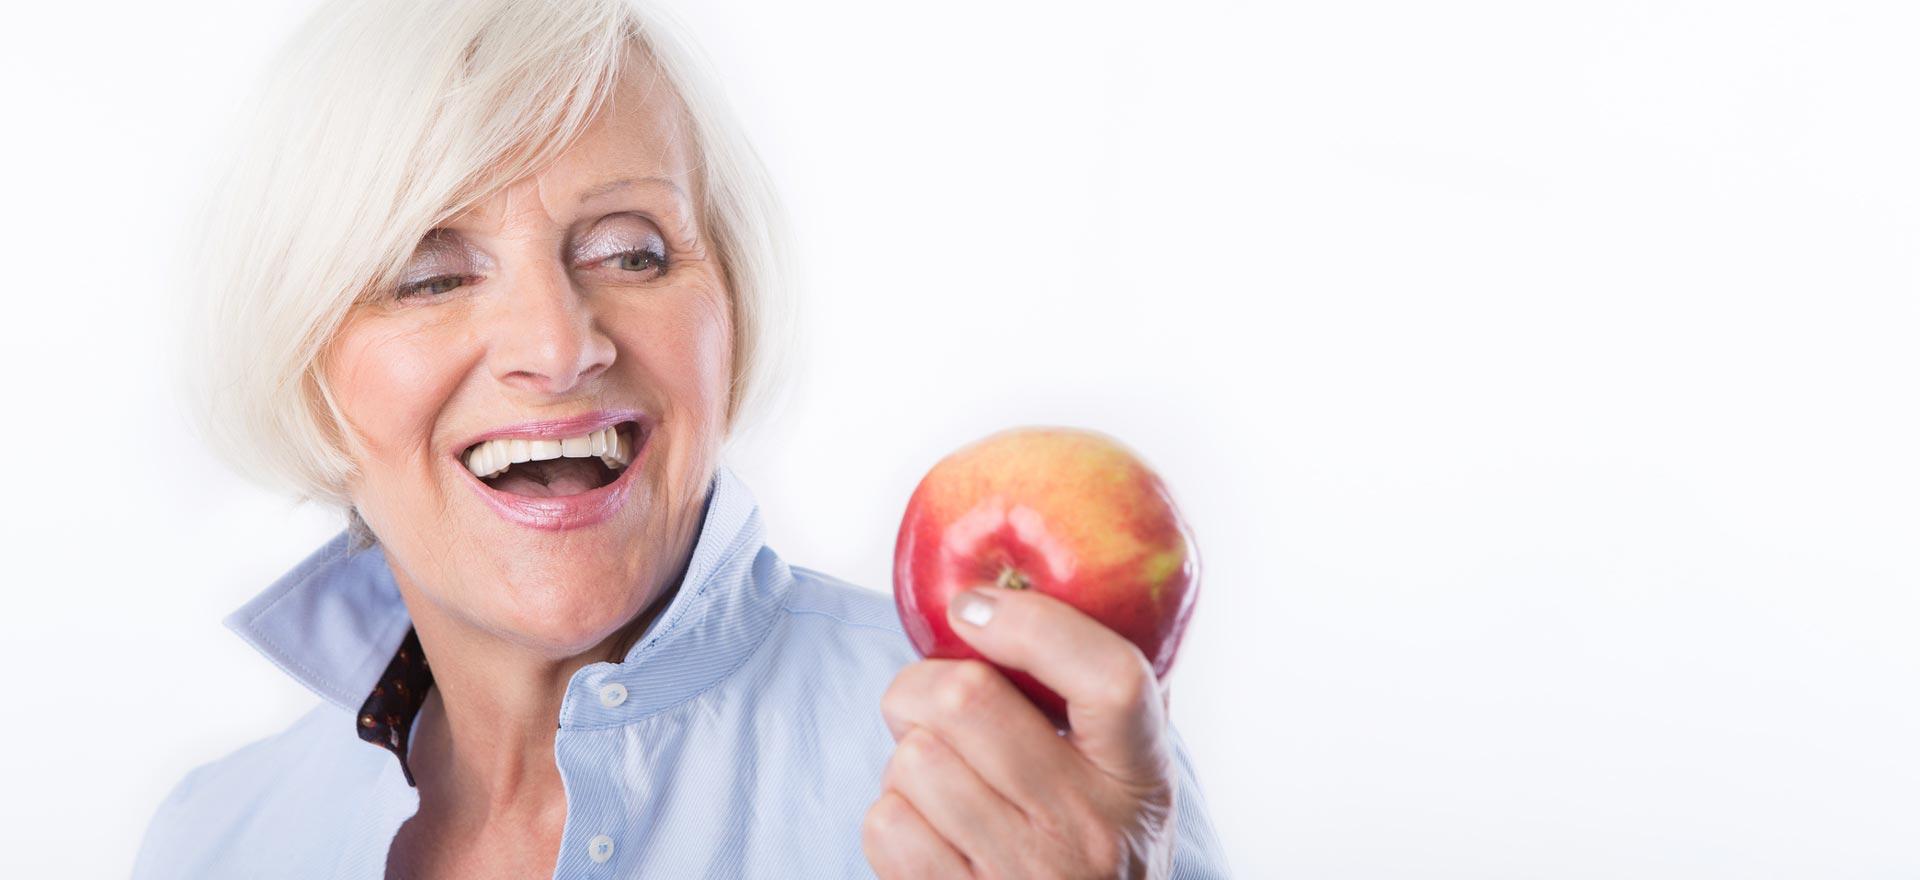 Ältere Frau beißt mit festen Zähnen auf Zahnimplantaten genussvoll in einen Apfel.